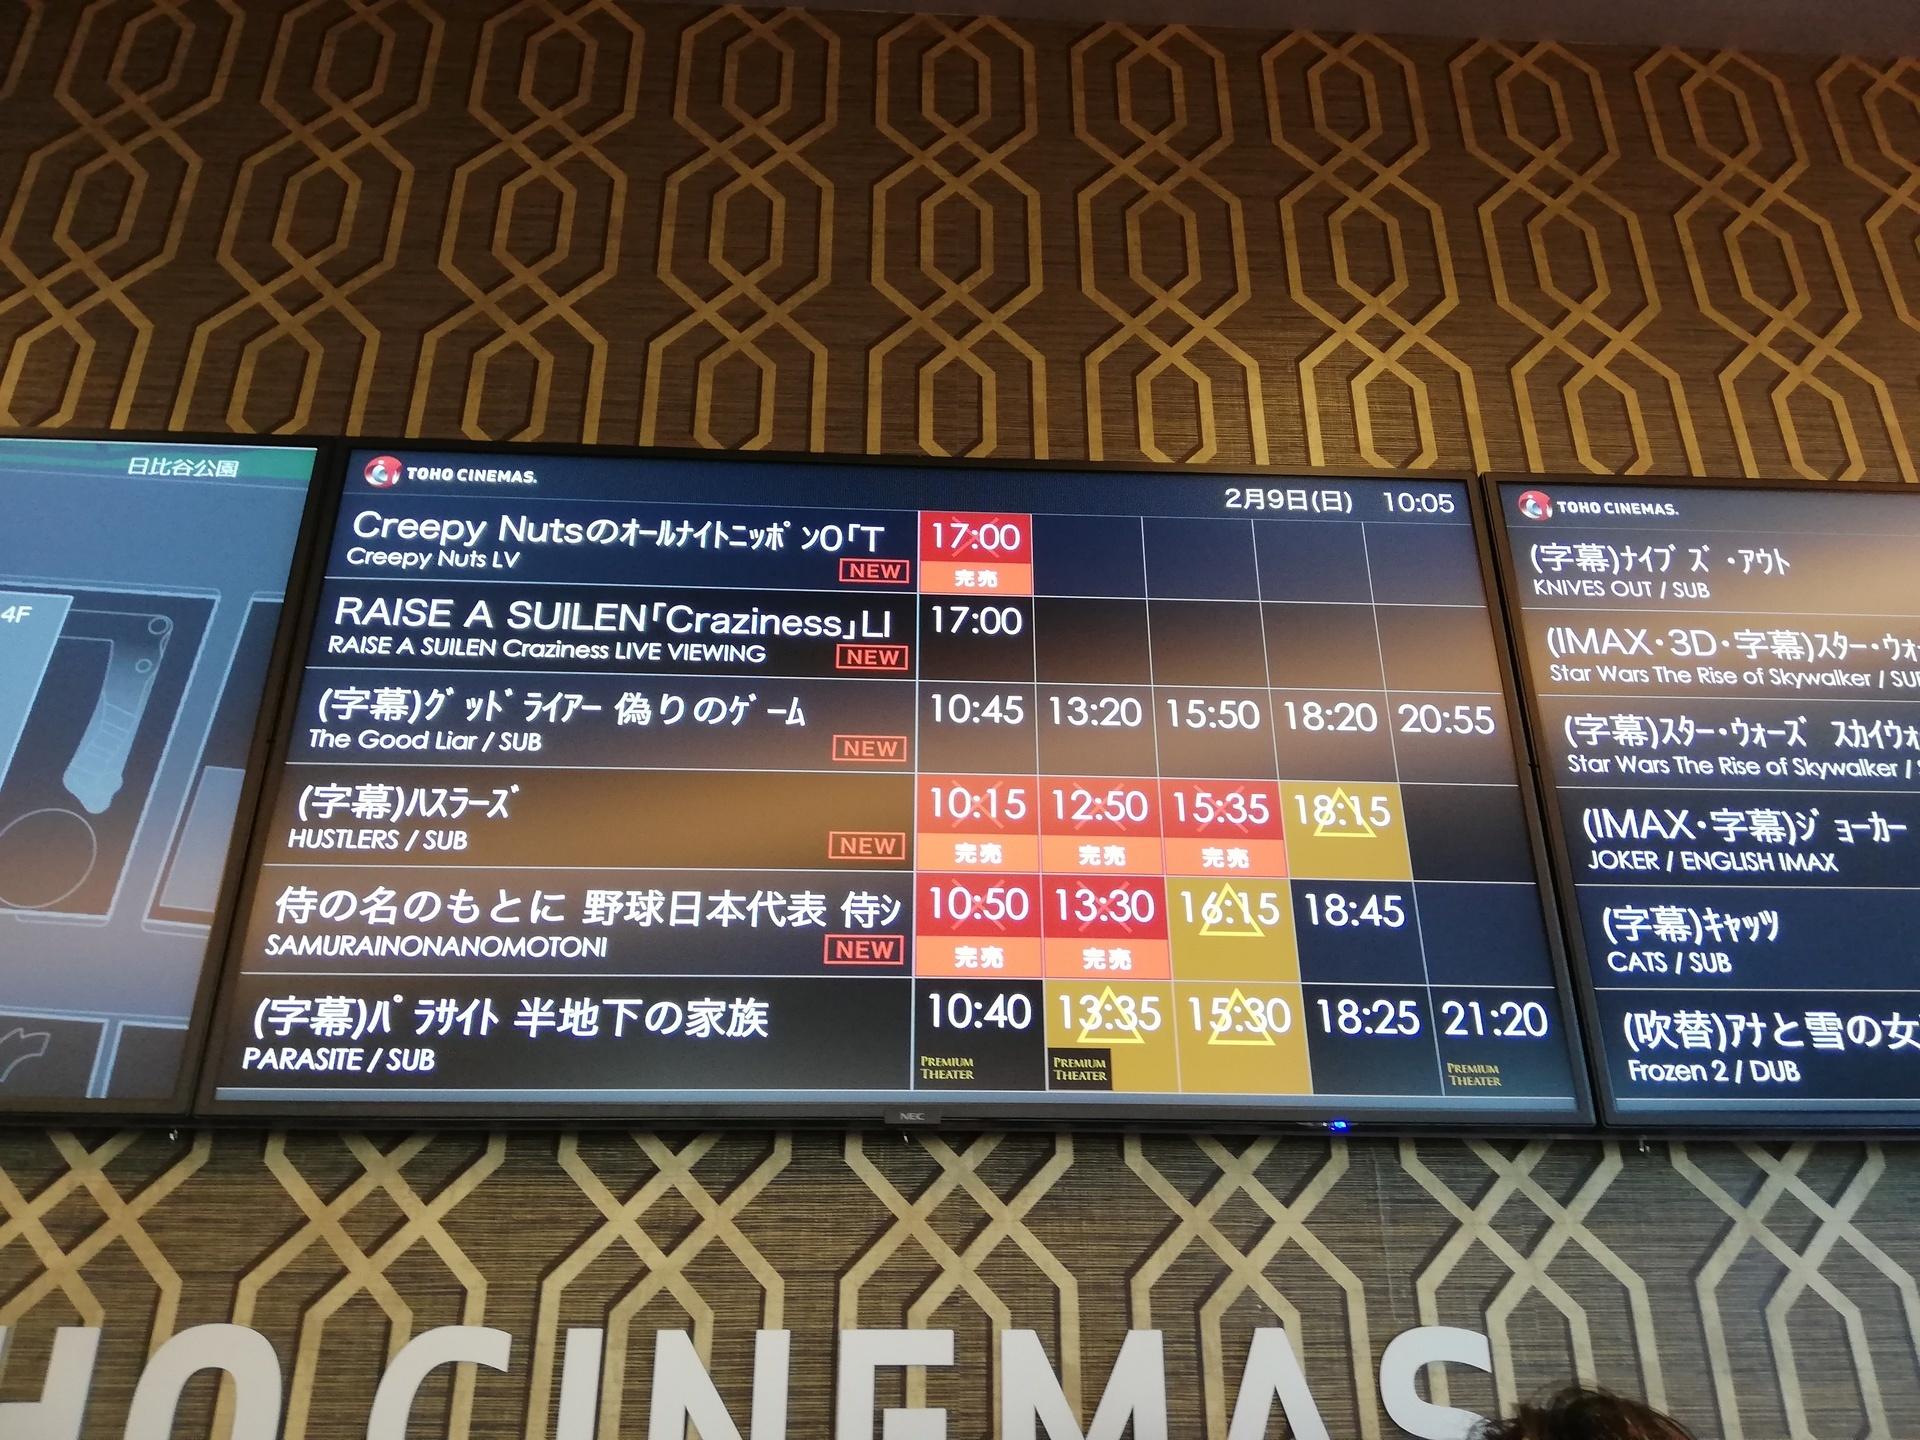 映画 侍 ジャパン 侍ジャパン密着映画『侍の名のもとに』13日に地上波初放送